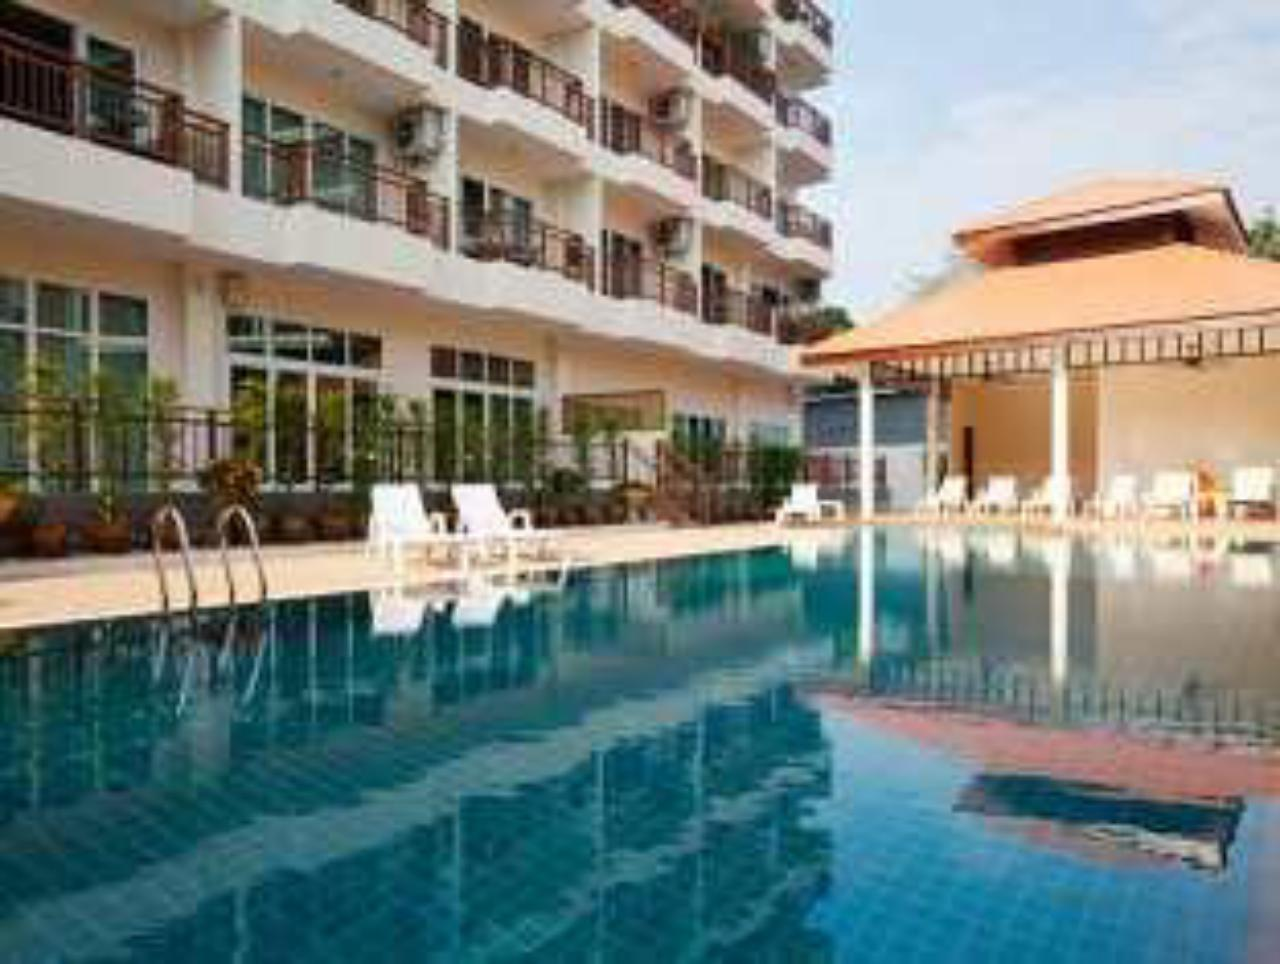 โรงแรมเอมเมอรัลด์ พาเลส (Emerald Palace Hotel)